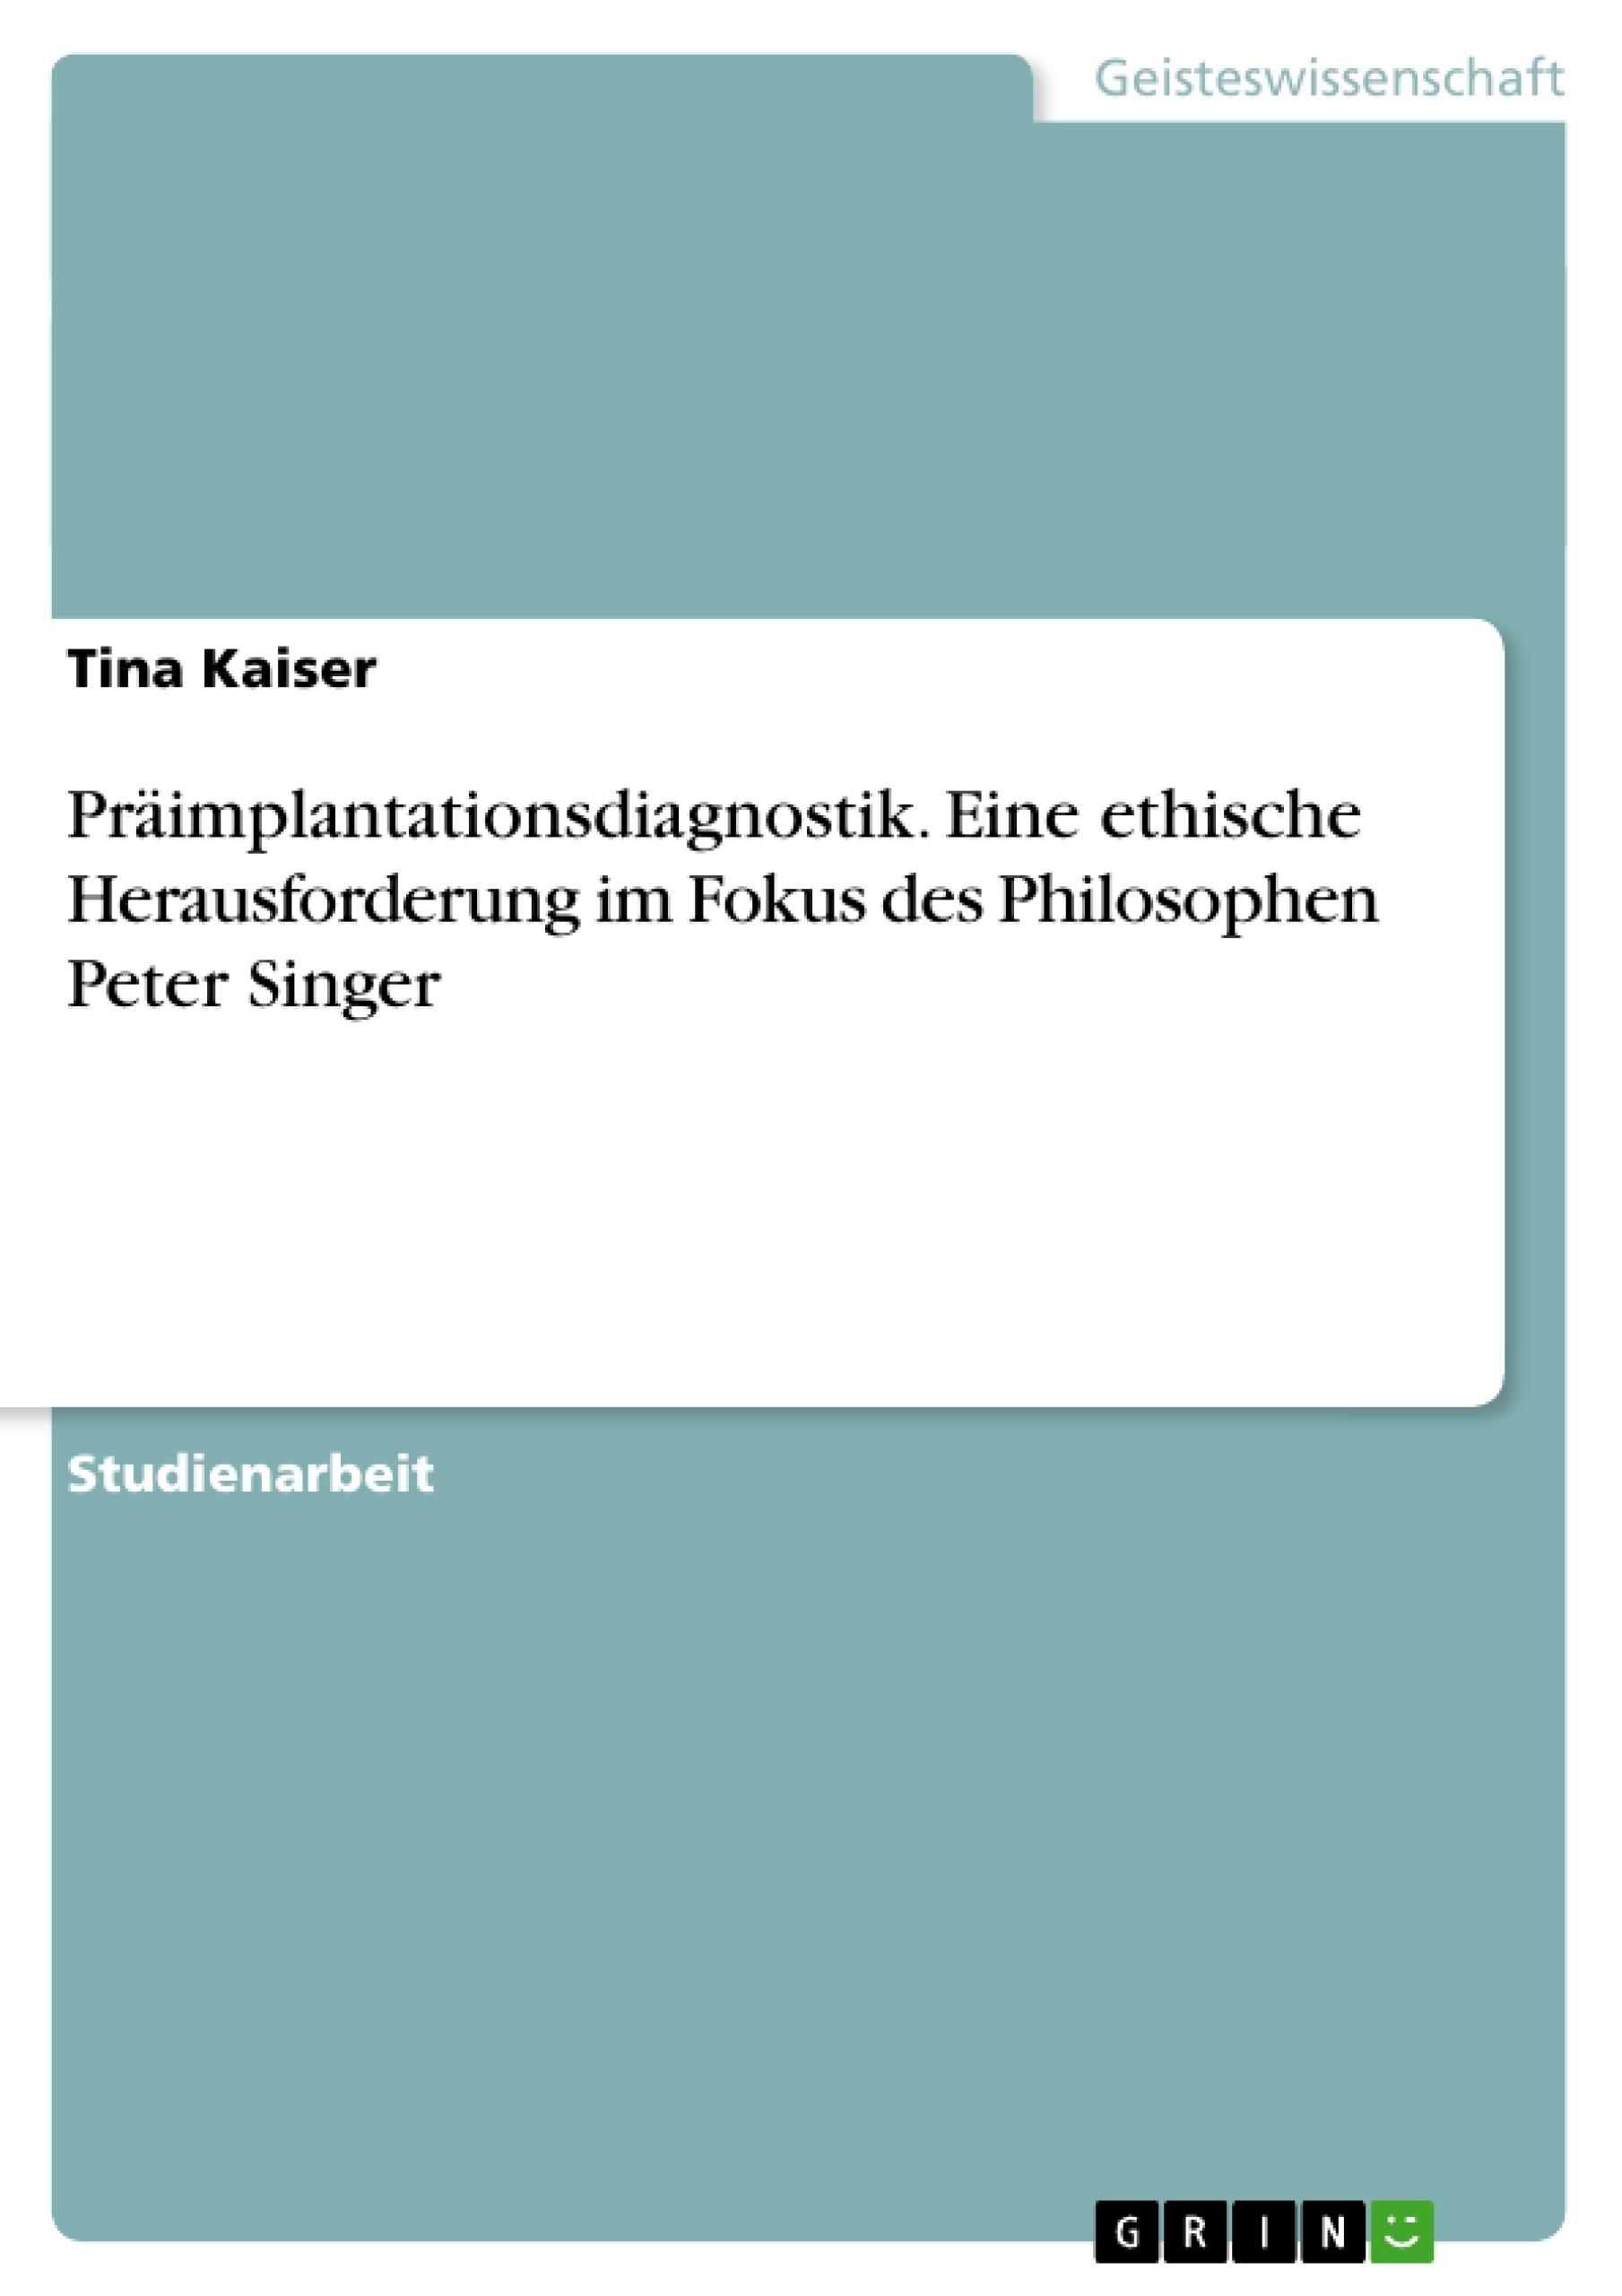 Titel: Präimplantationsdiagnostik. Eine ethische Herausforderung im Fokus des Philosophen Peter Singer